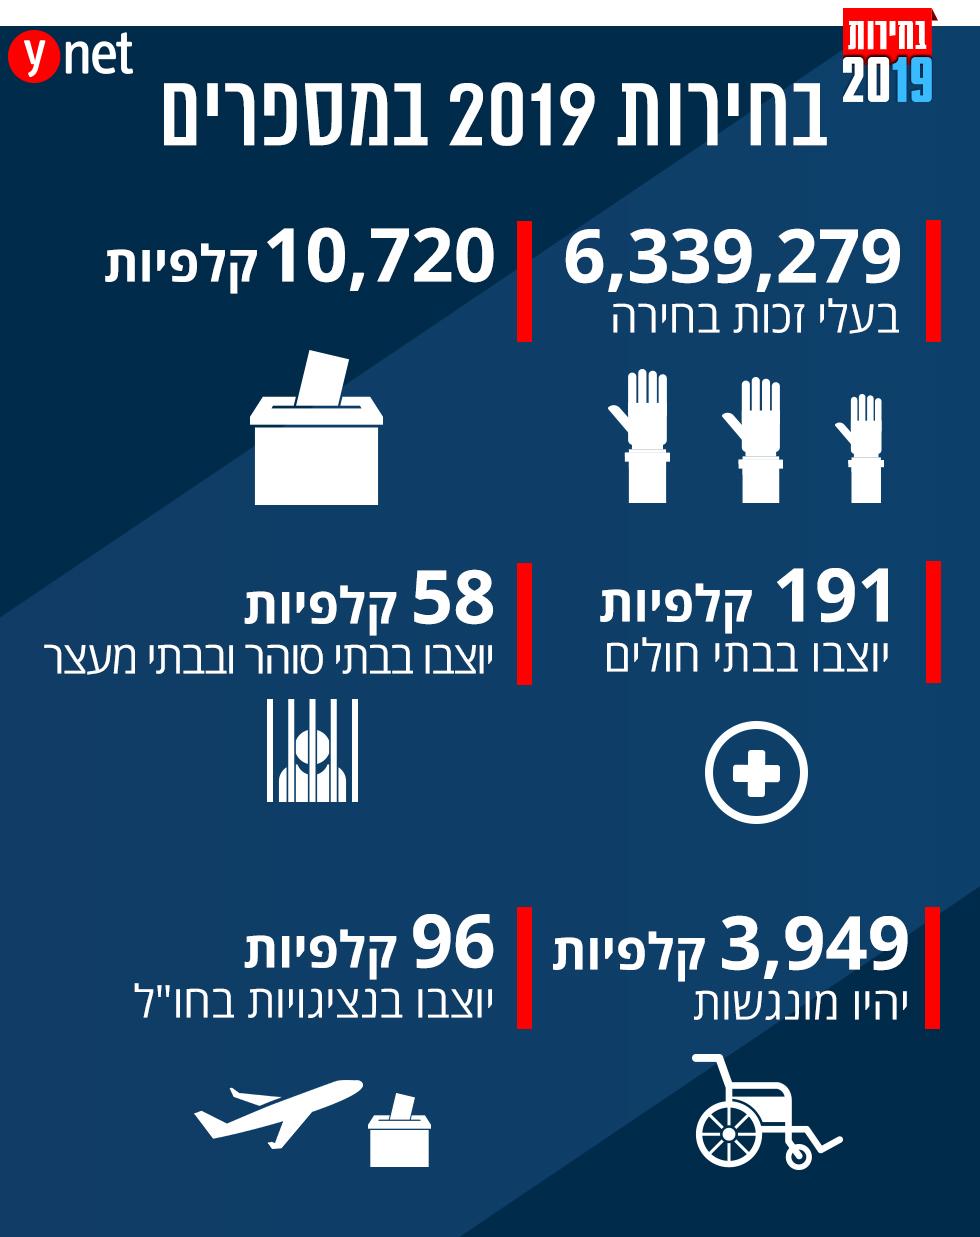 בחירות 2019 במספרים ()